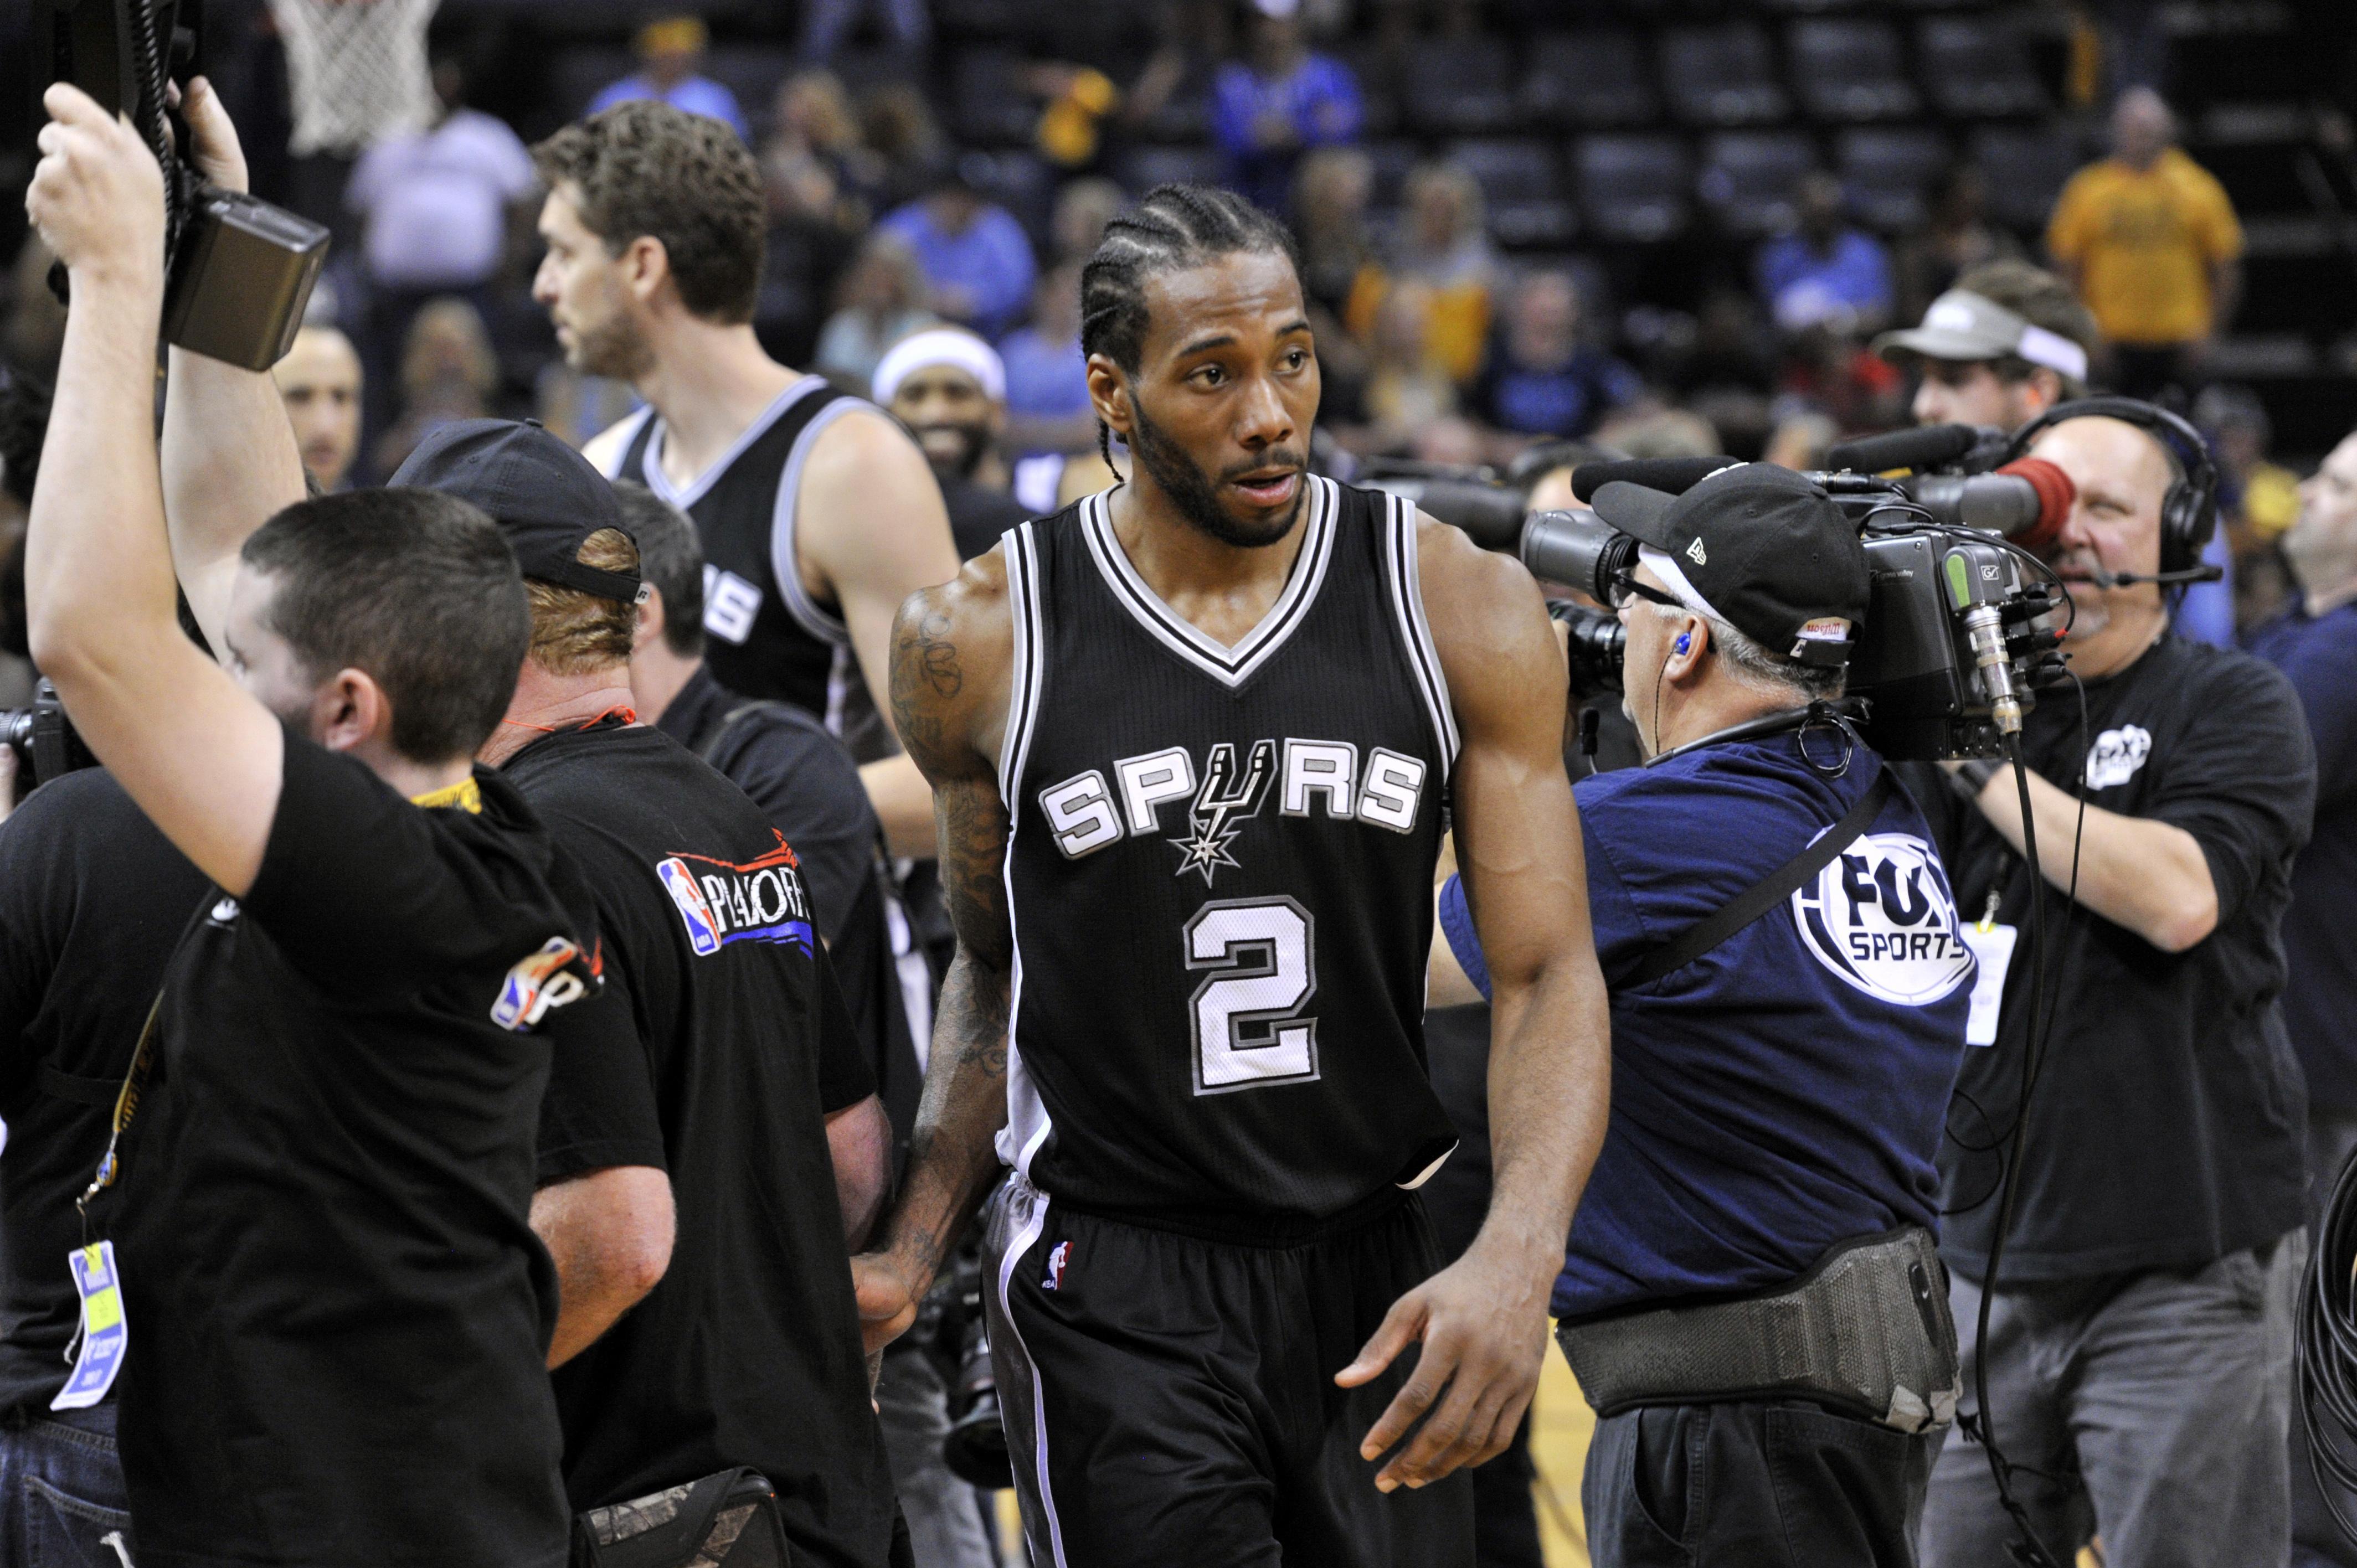 Spurs_grizzlies_basketball_87185